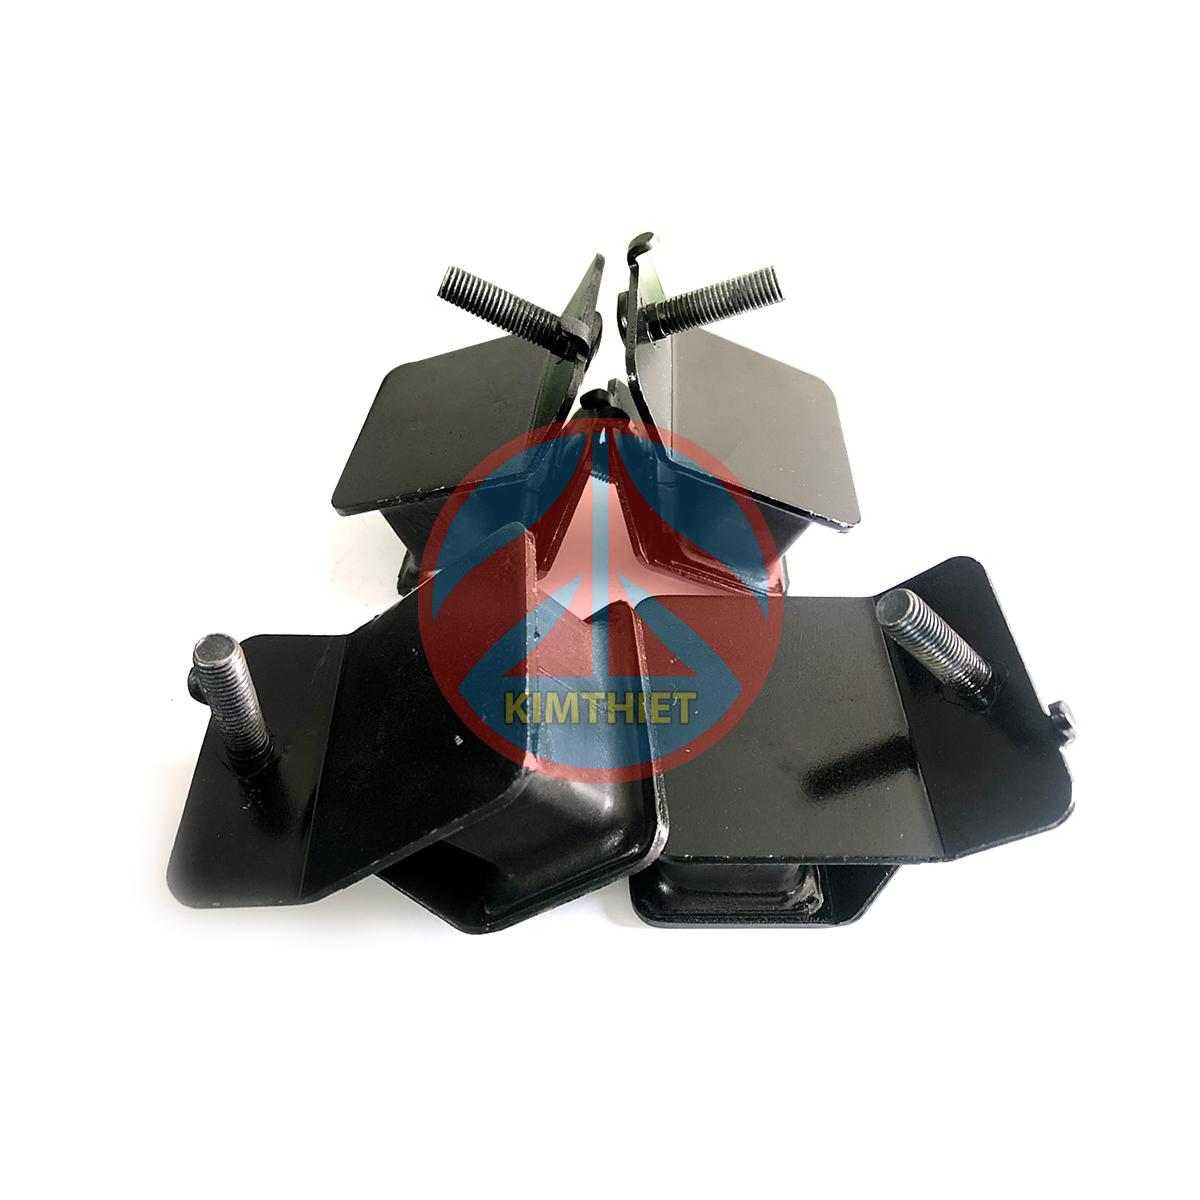 Đế cao su chống rung máy phát điện - Rubber anti vibration